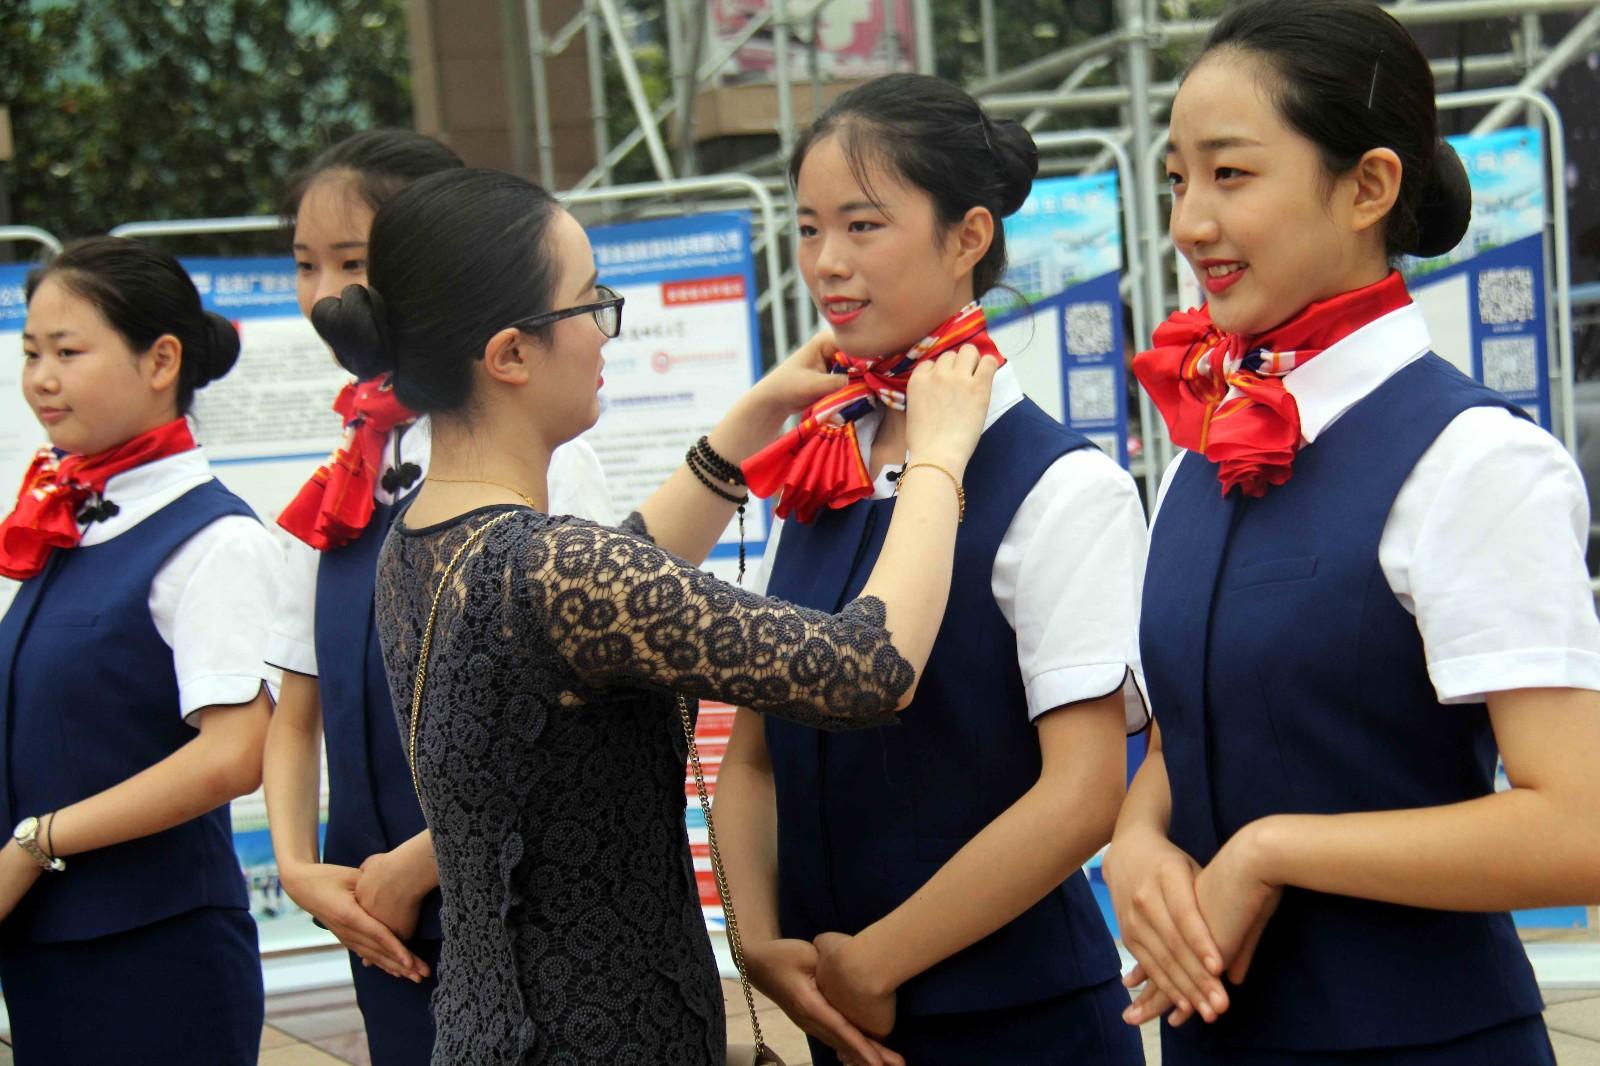 一所中职学校的空乘专业学生们正在老师的指导帮助下,做展示表演前的